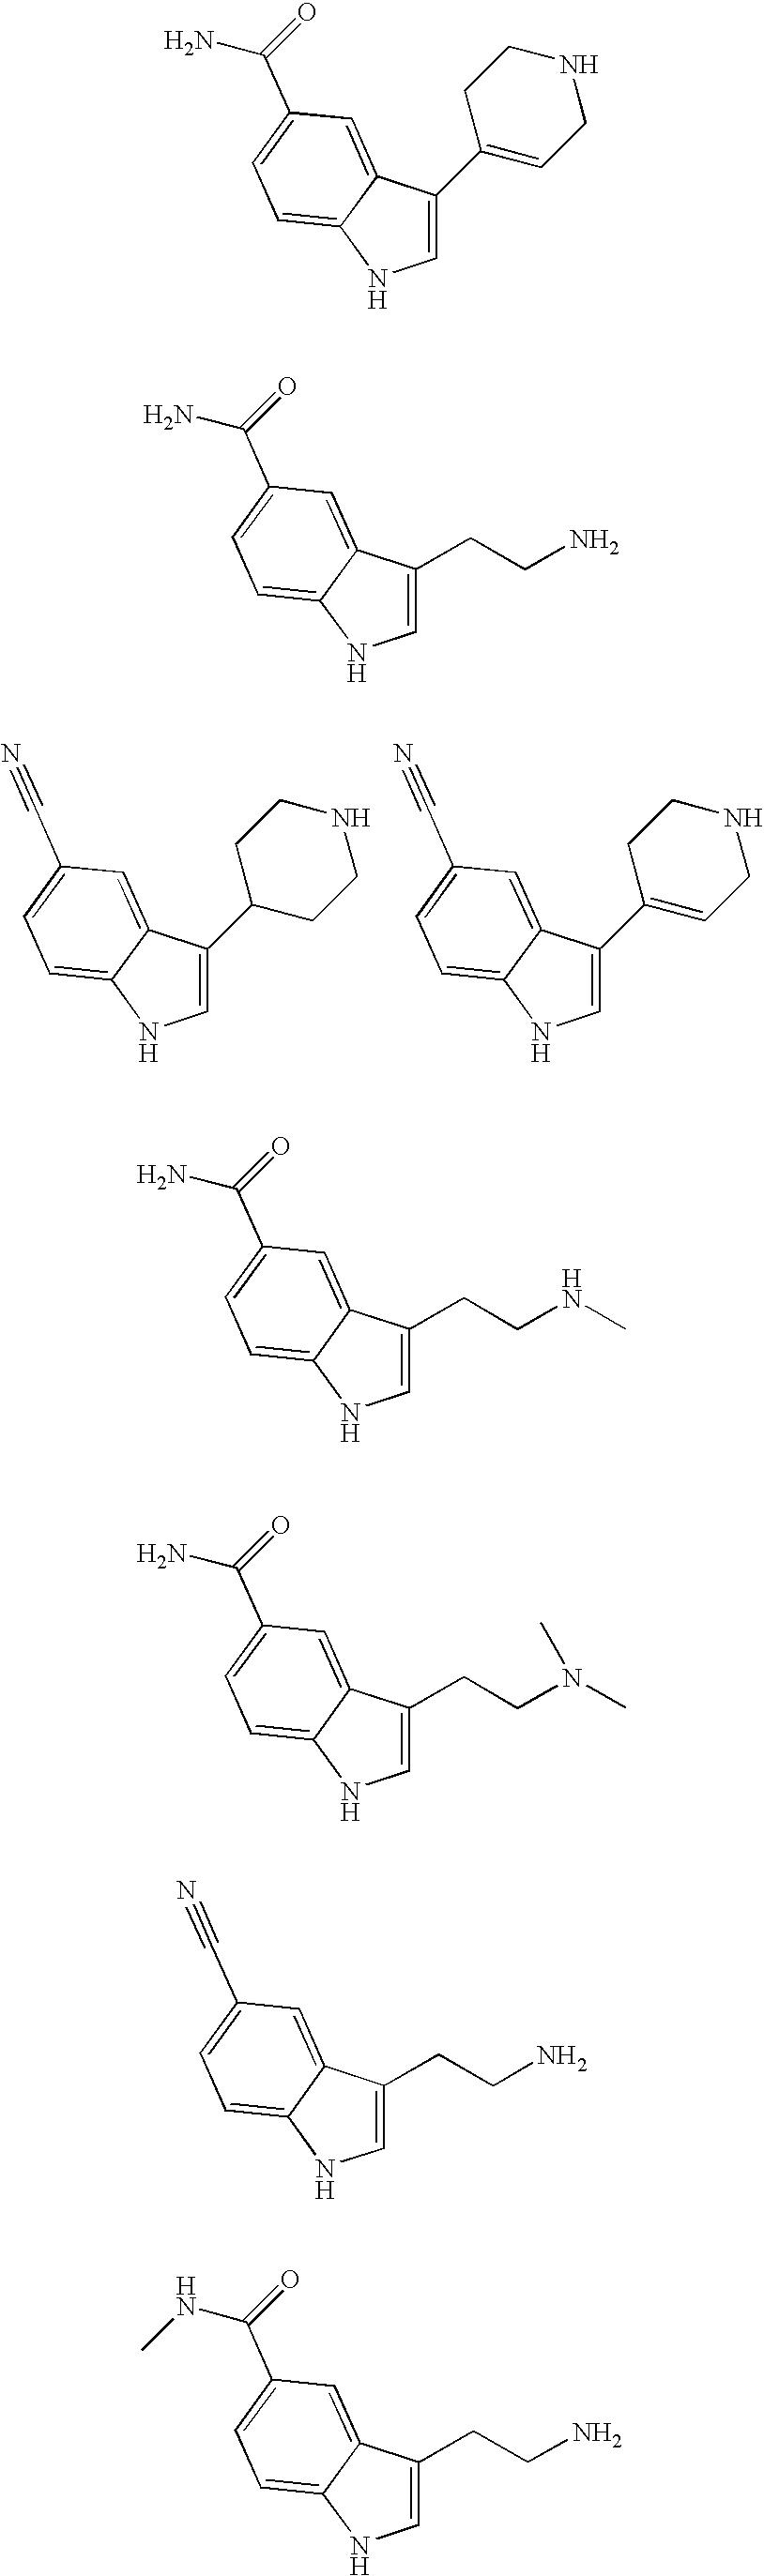 Figure US20100009983A1-20100114-C00221